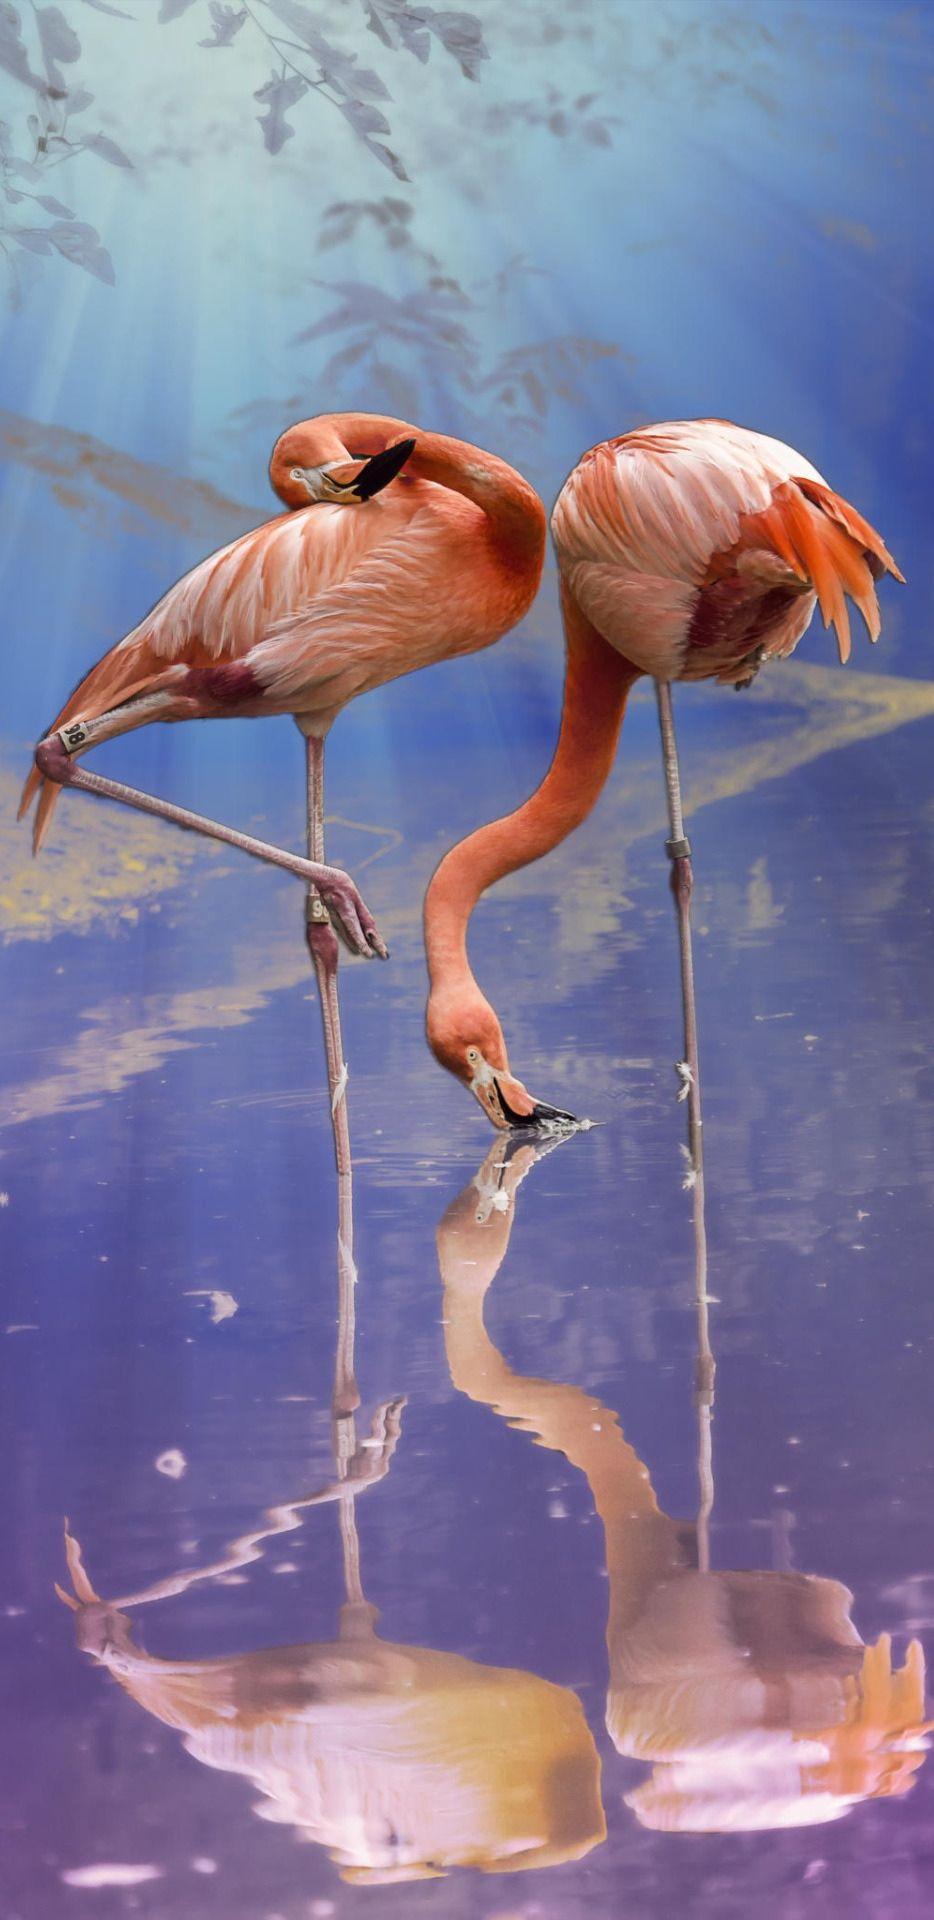 μεγάλο πουλί σέξι δουλεία squirt πορνό